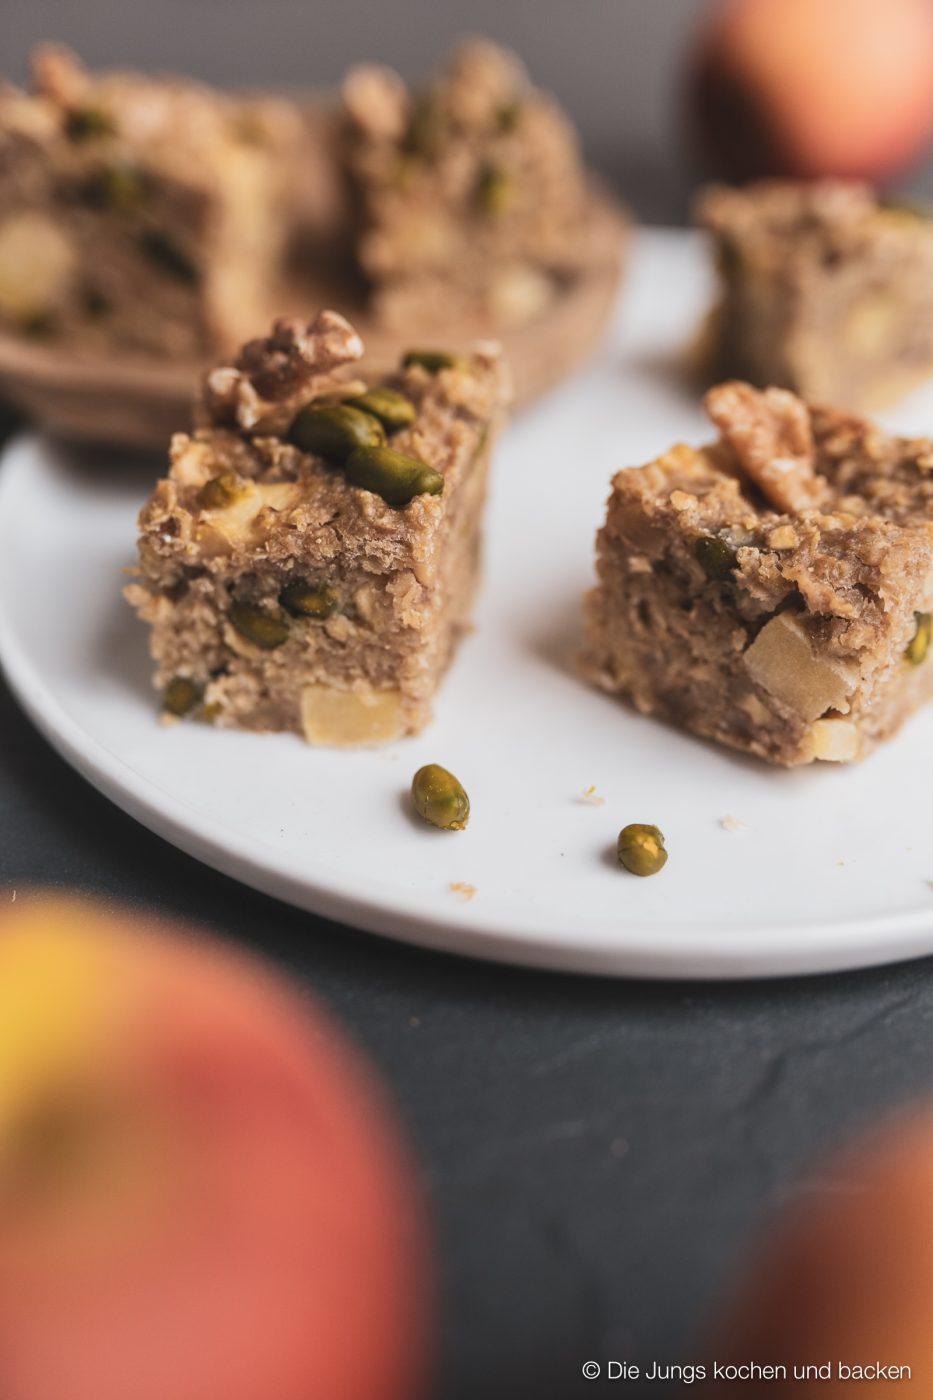 Apple Bites jazz apfel 6 | Kennt ihr das auch? Ihr seid bei der Arbeit, habt mittags nur etwas Kleines gegessen, weil es einfach viel zu heiß war, um sich den Bauch vollzuschlagen und dann kommt der Hunger ganz überraschend. Da greift man dann gerne zu einem Schokoriegel, Kuchen oder Co. Aber jetzt haben wir ein neues Rezept ausprobiert. Unsere Apfel Protein Happen sind der perfekte Snack für zwischendurch - egal ob im Büro, zu Hause oder unterwegs. Meal Prep in Bestform würden wir sagen!